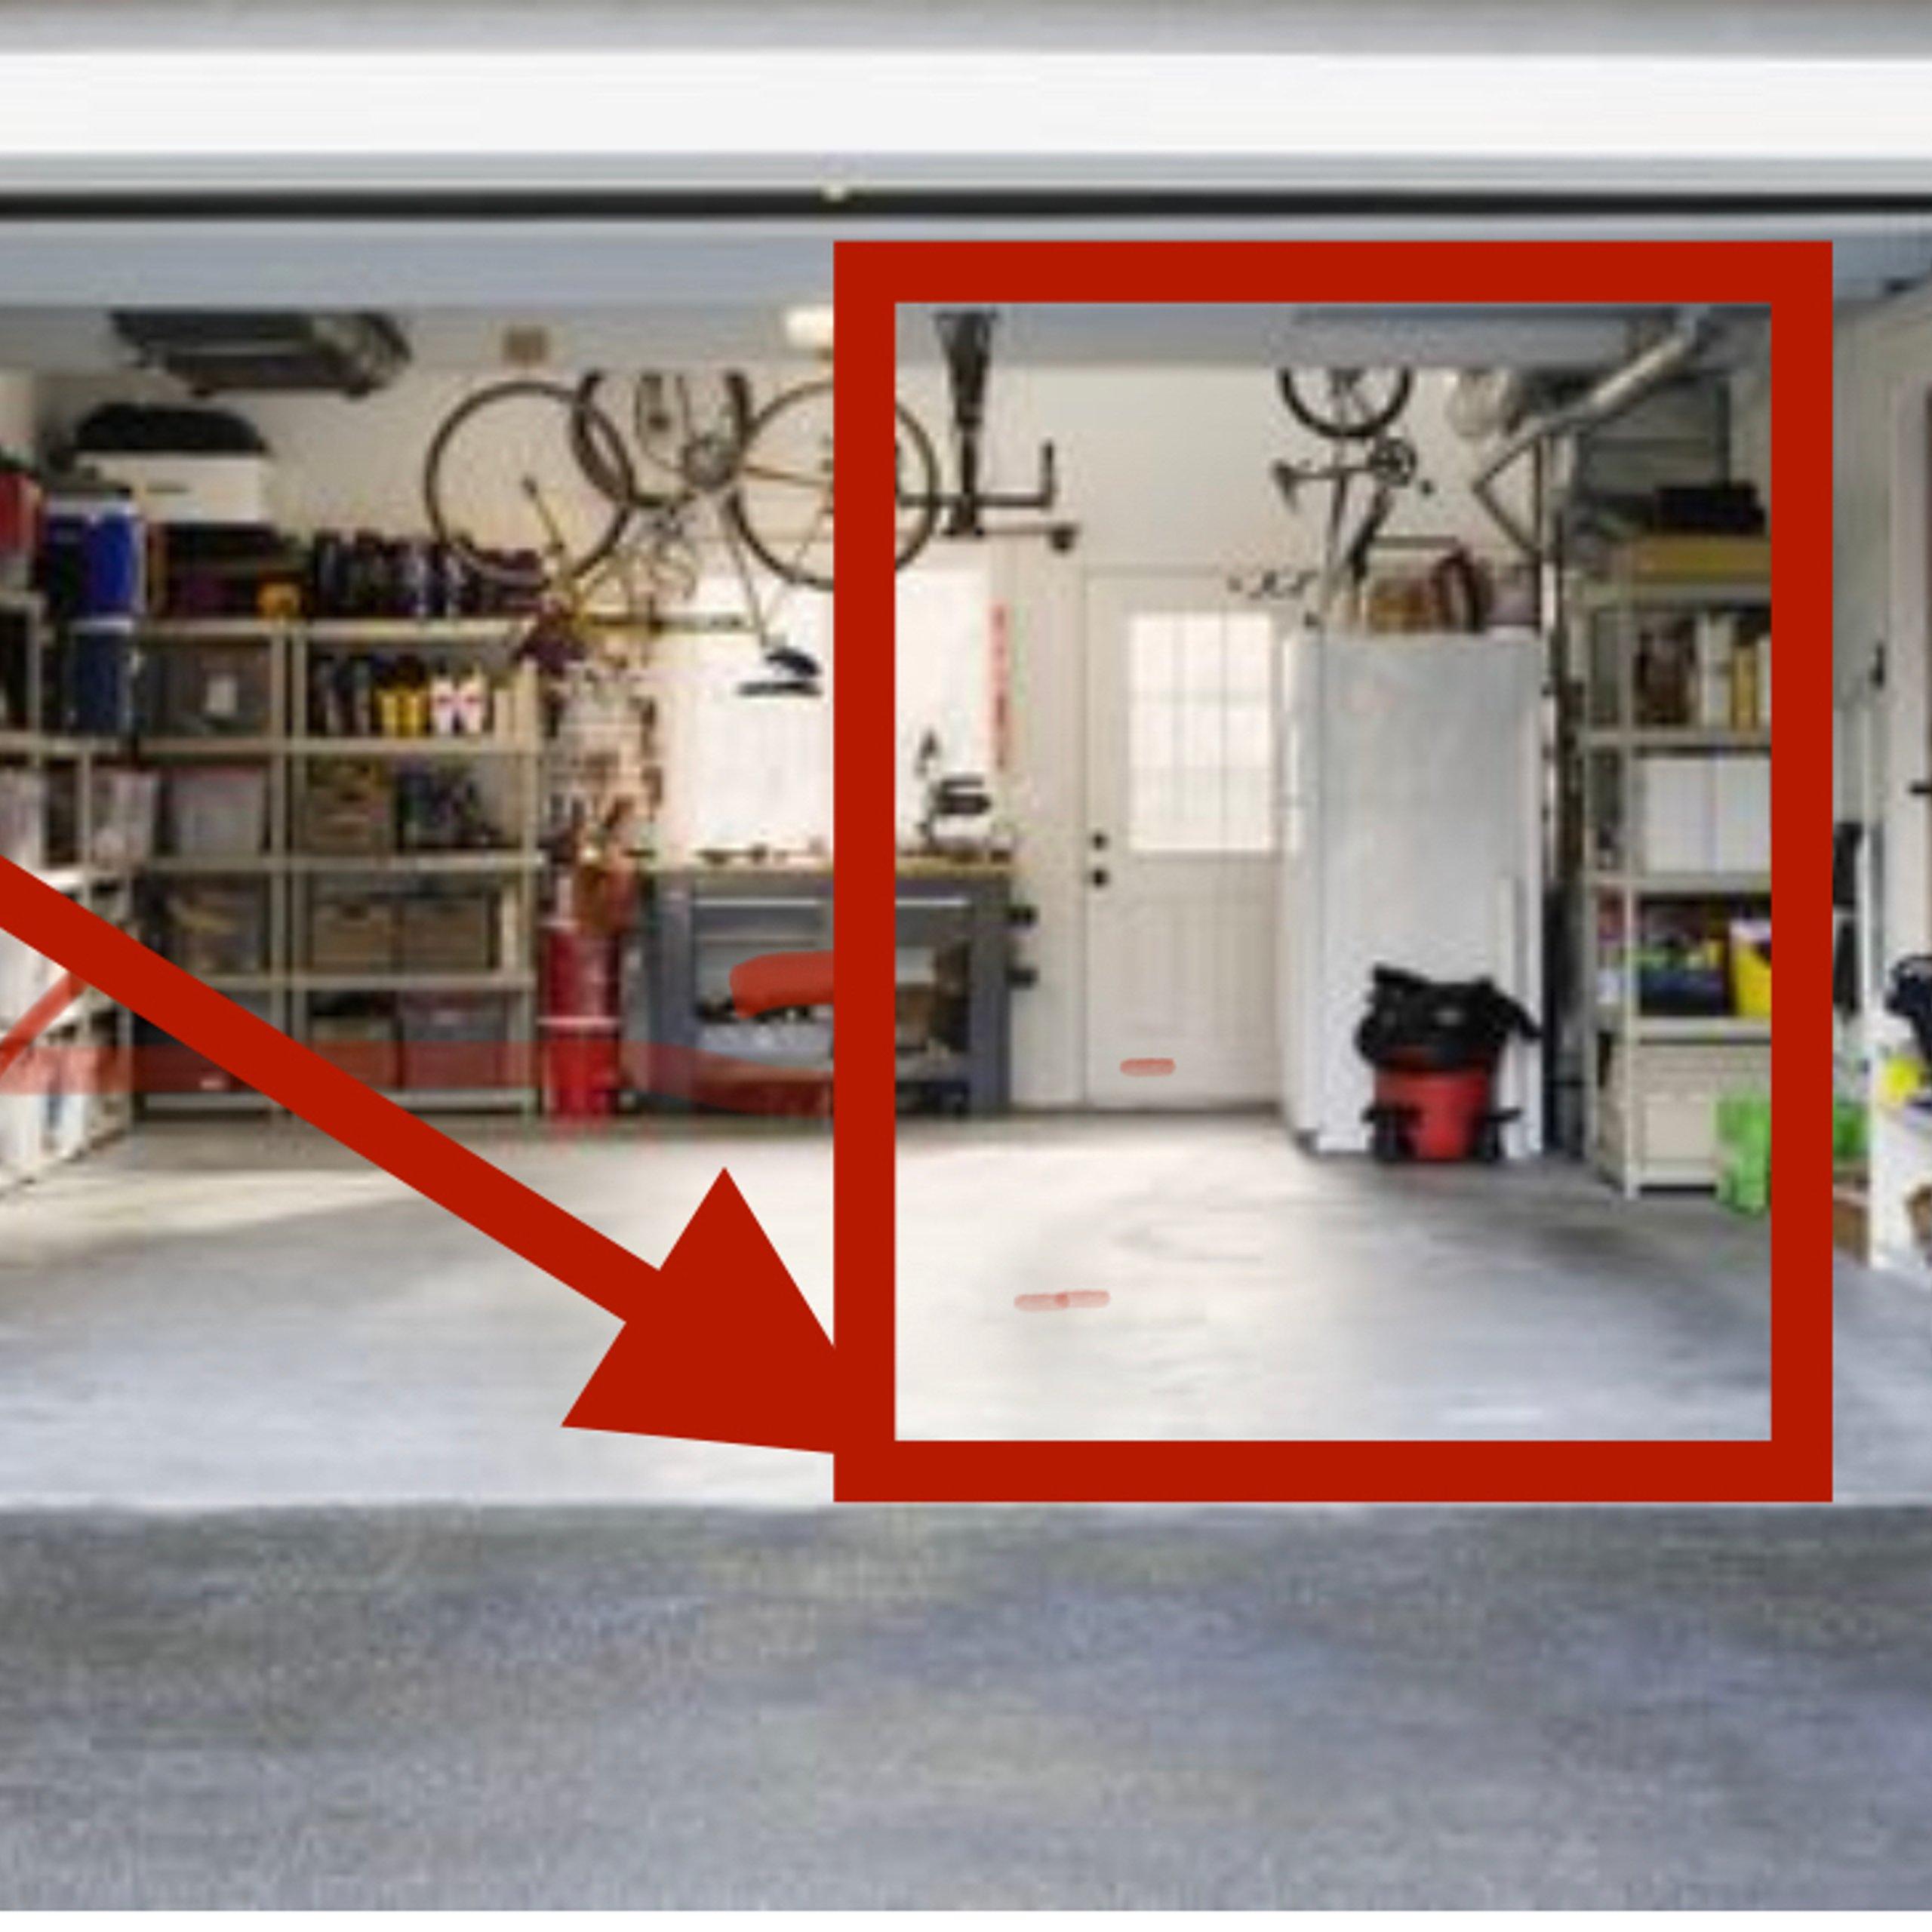 185x75 Garage self storage unit